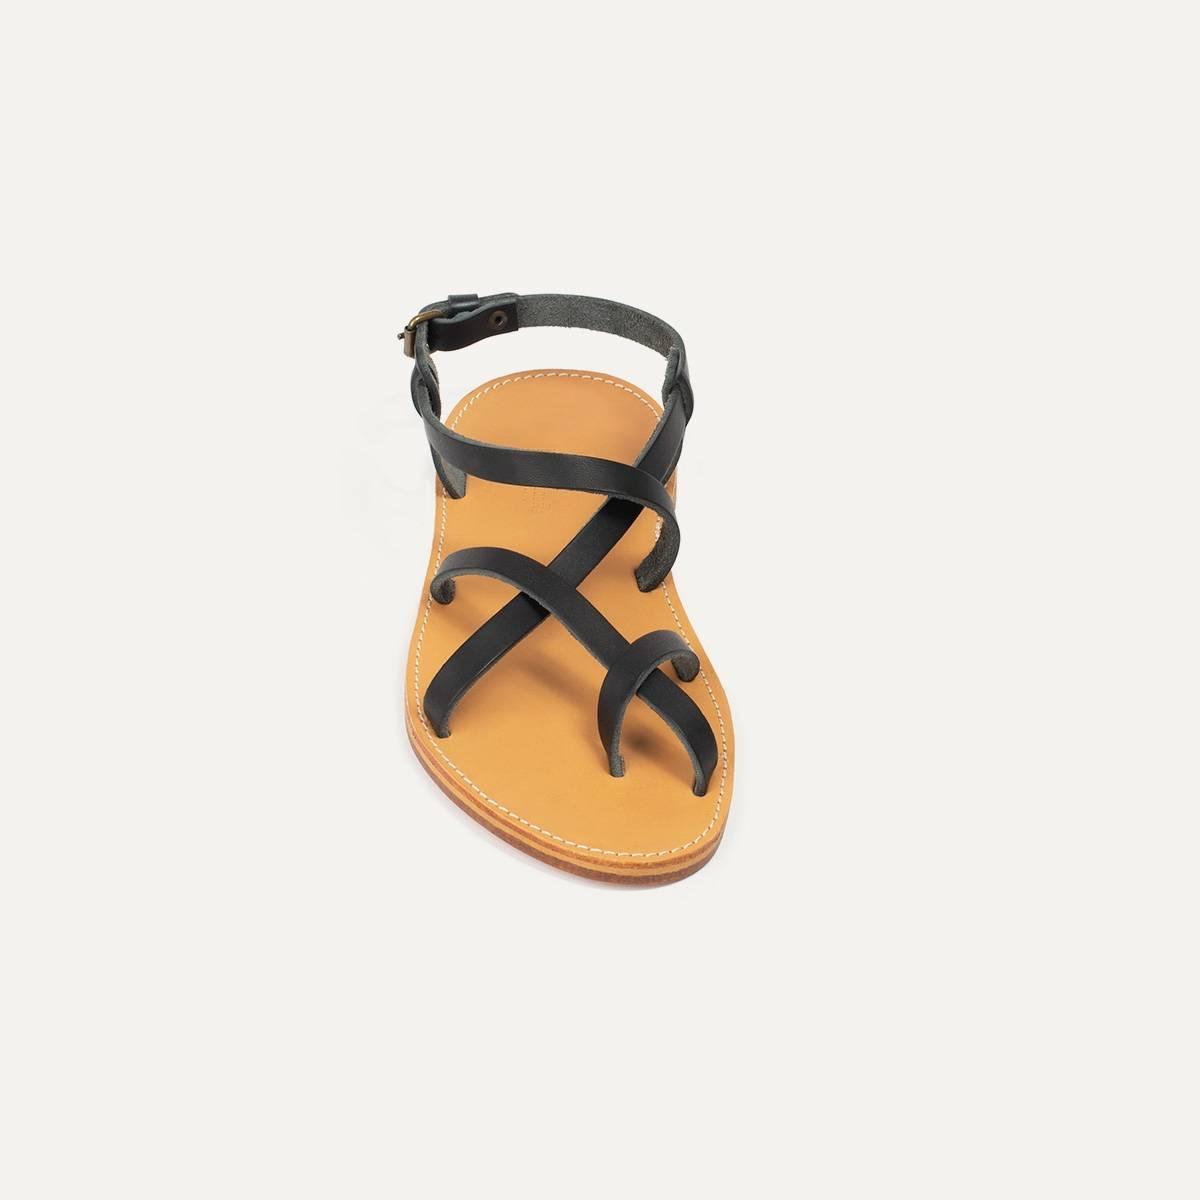 Sandales cuir Nara - Noir (image n°3)